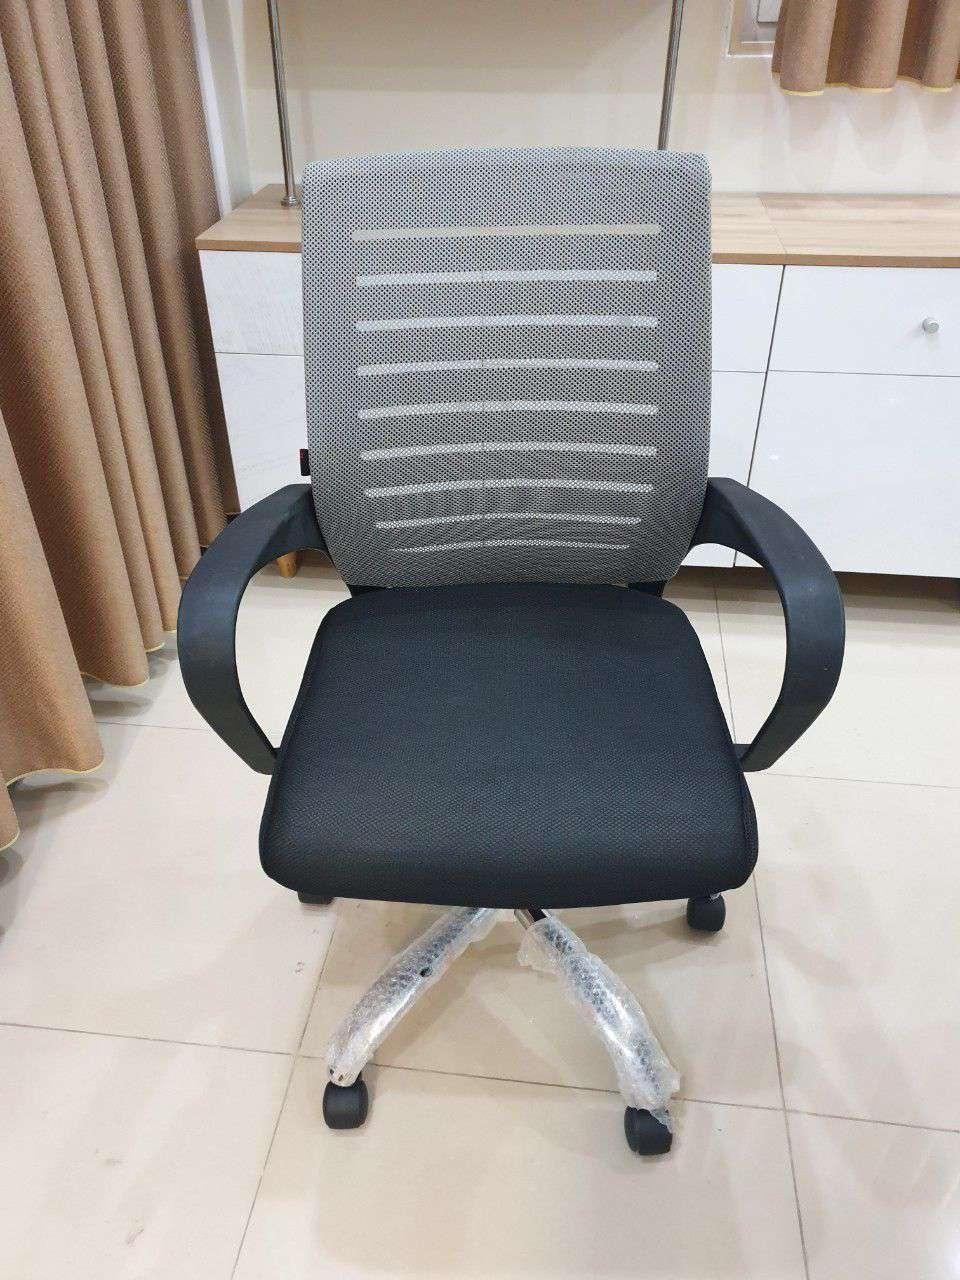 Ghế văn phòng lưới kiểu dáng hiện đại – Mã : 1335